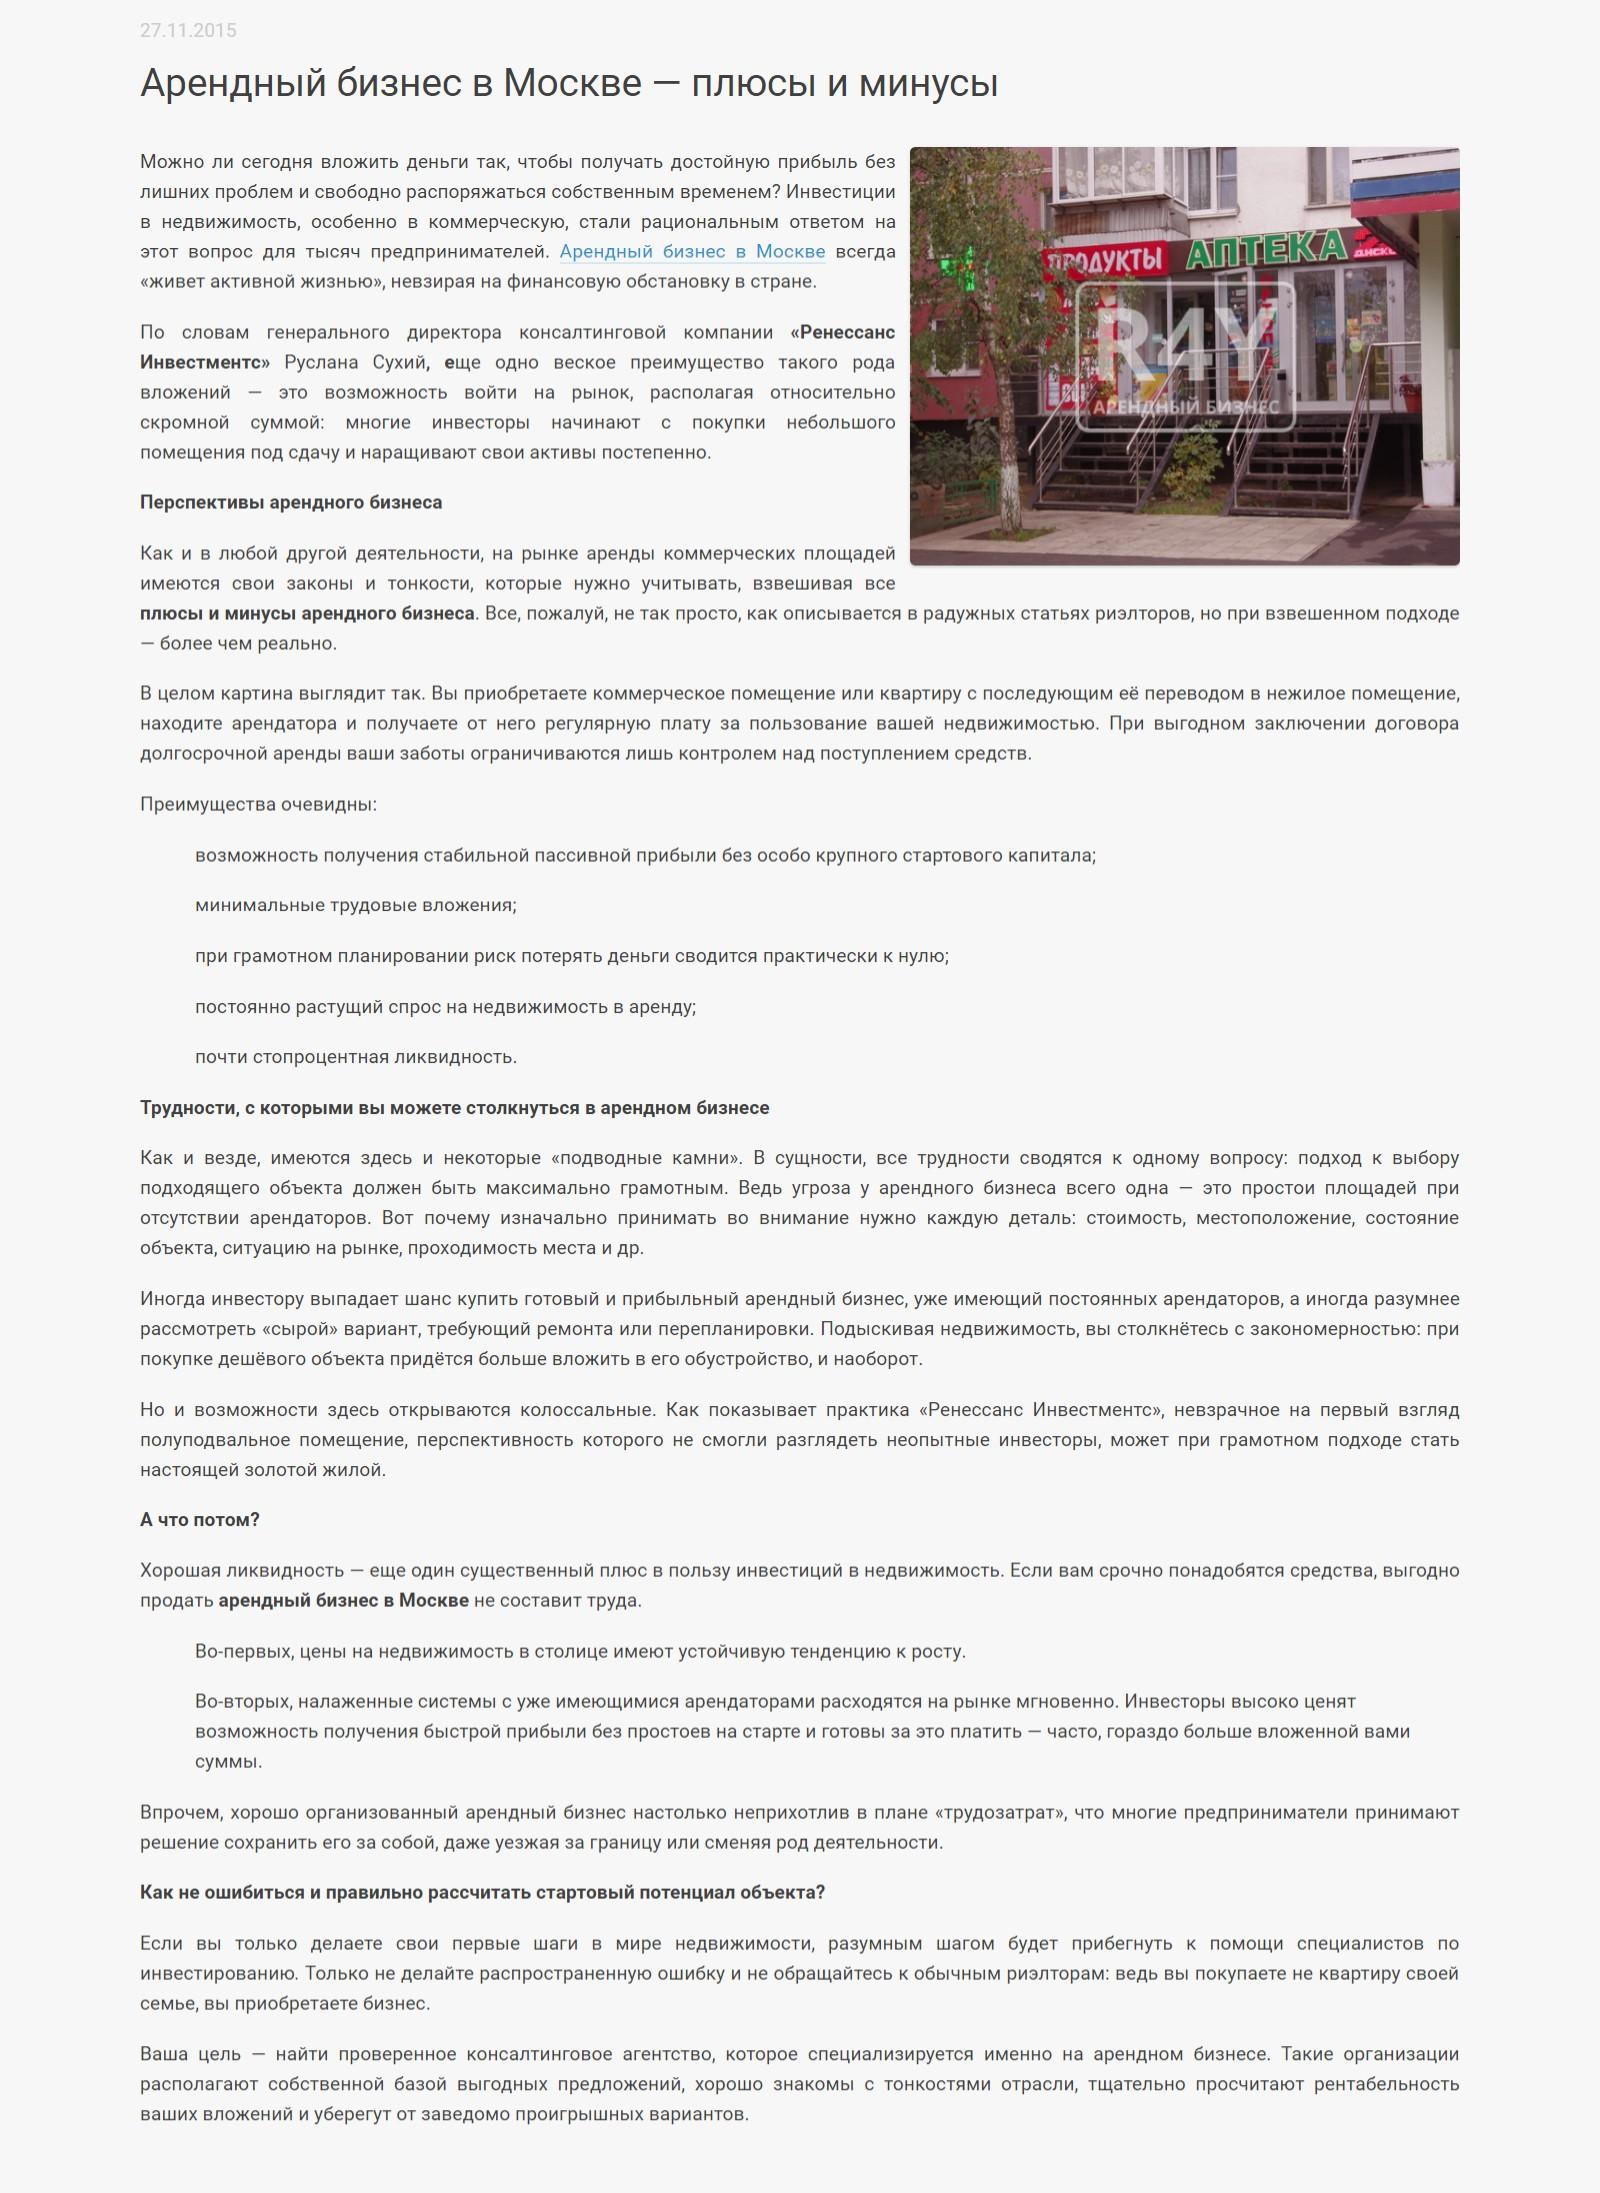 Арендный бизнес в Москве: плюсы и минусы. Блог АН